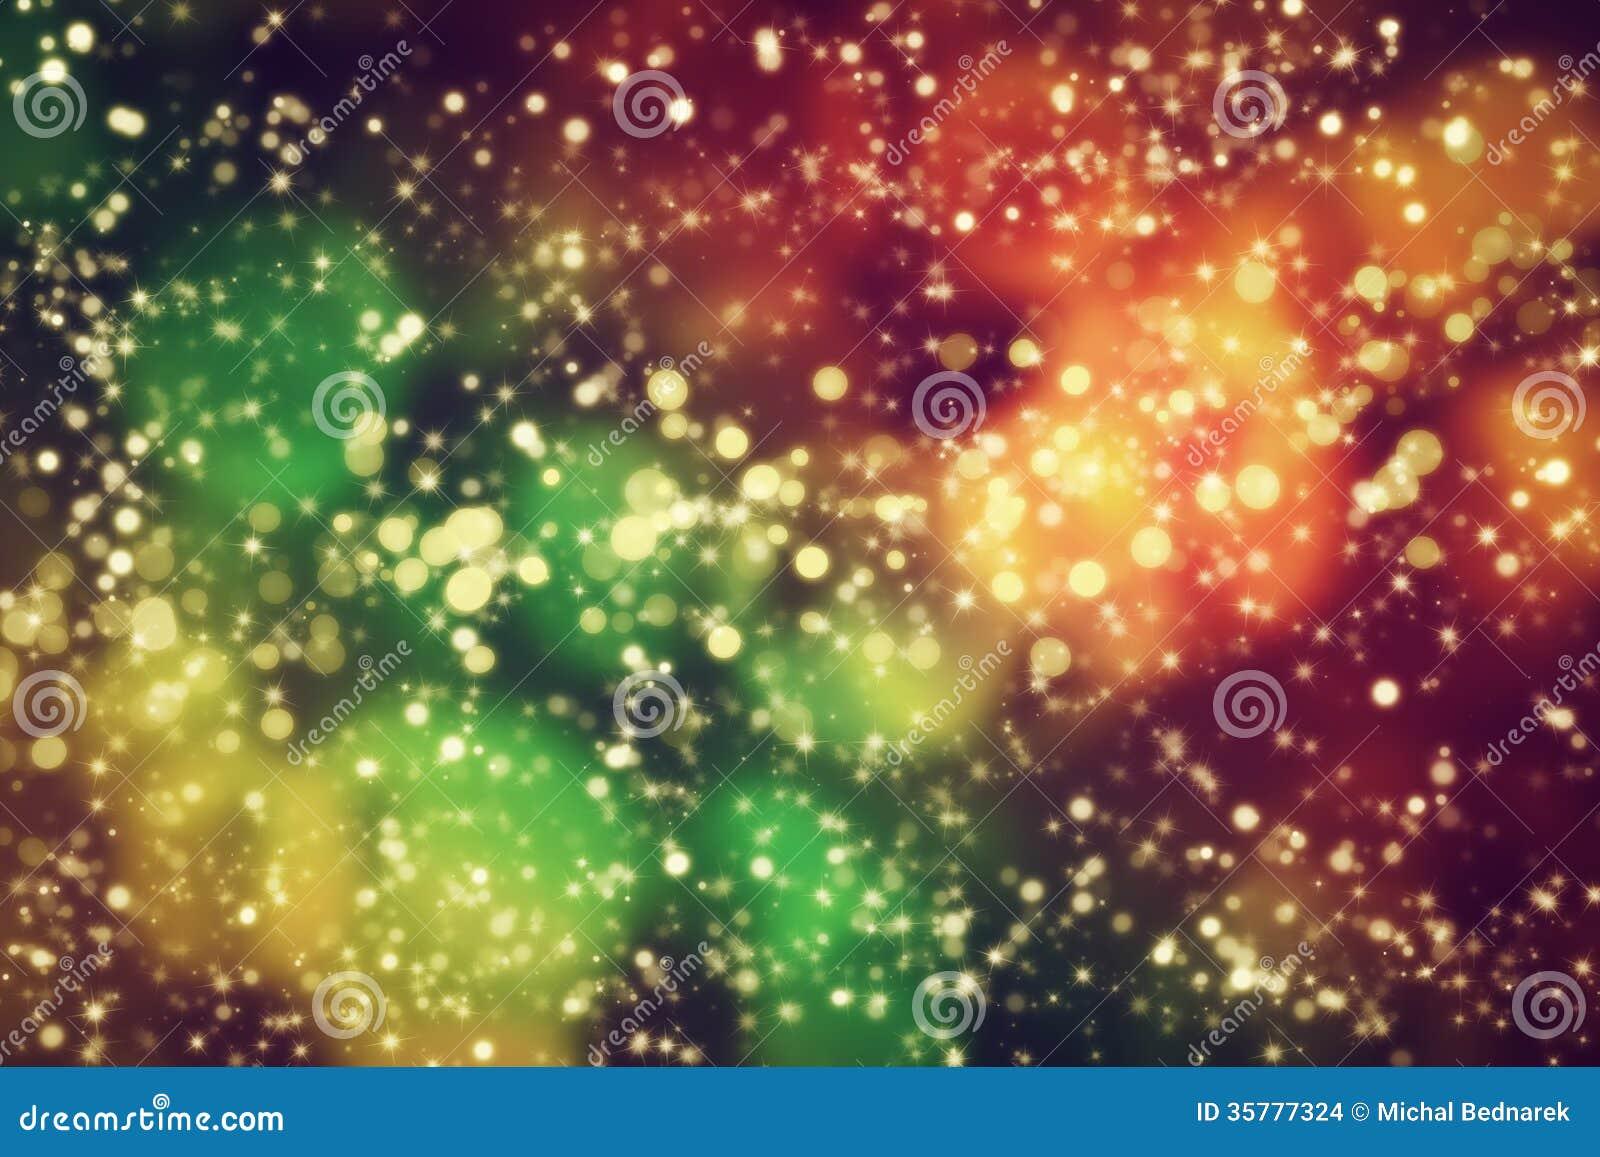 Galáxia, fundo abstrato do espaço.